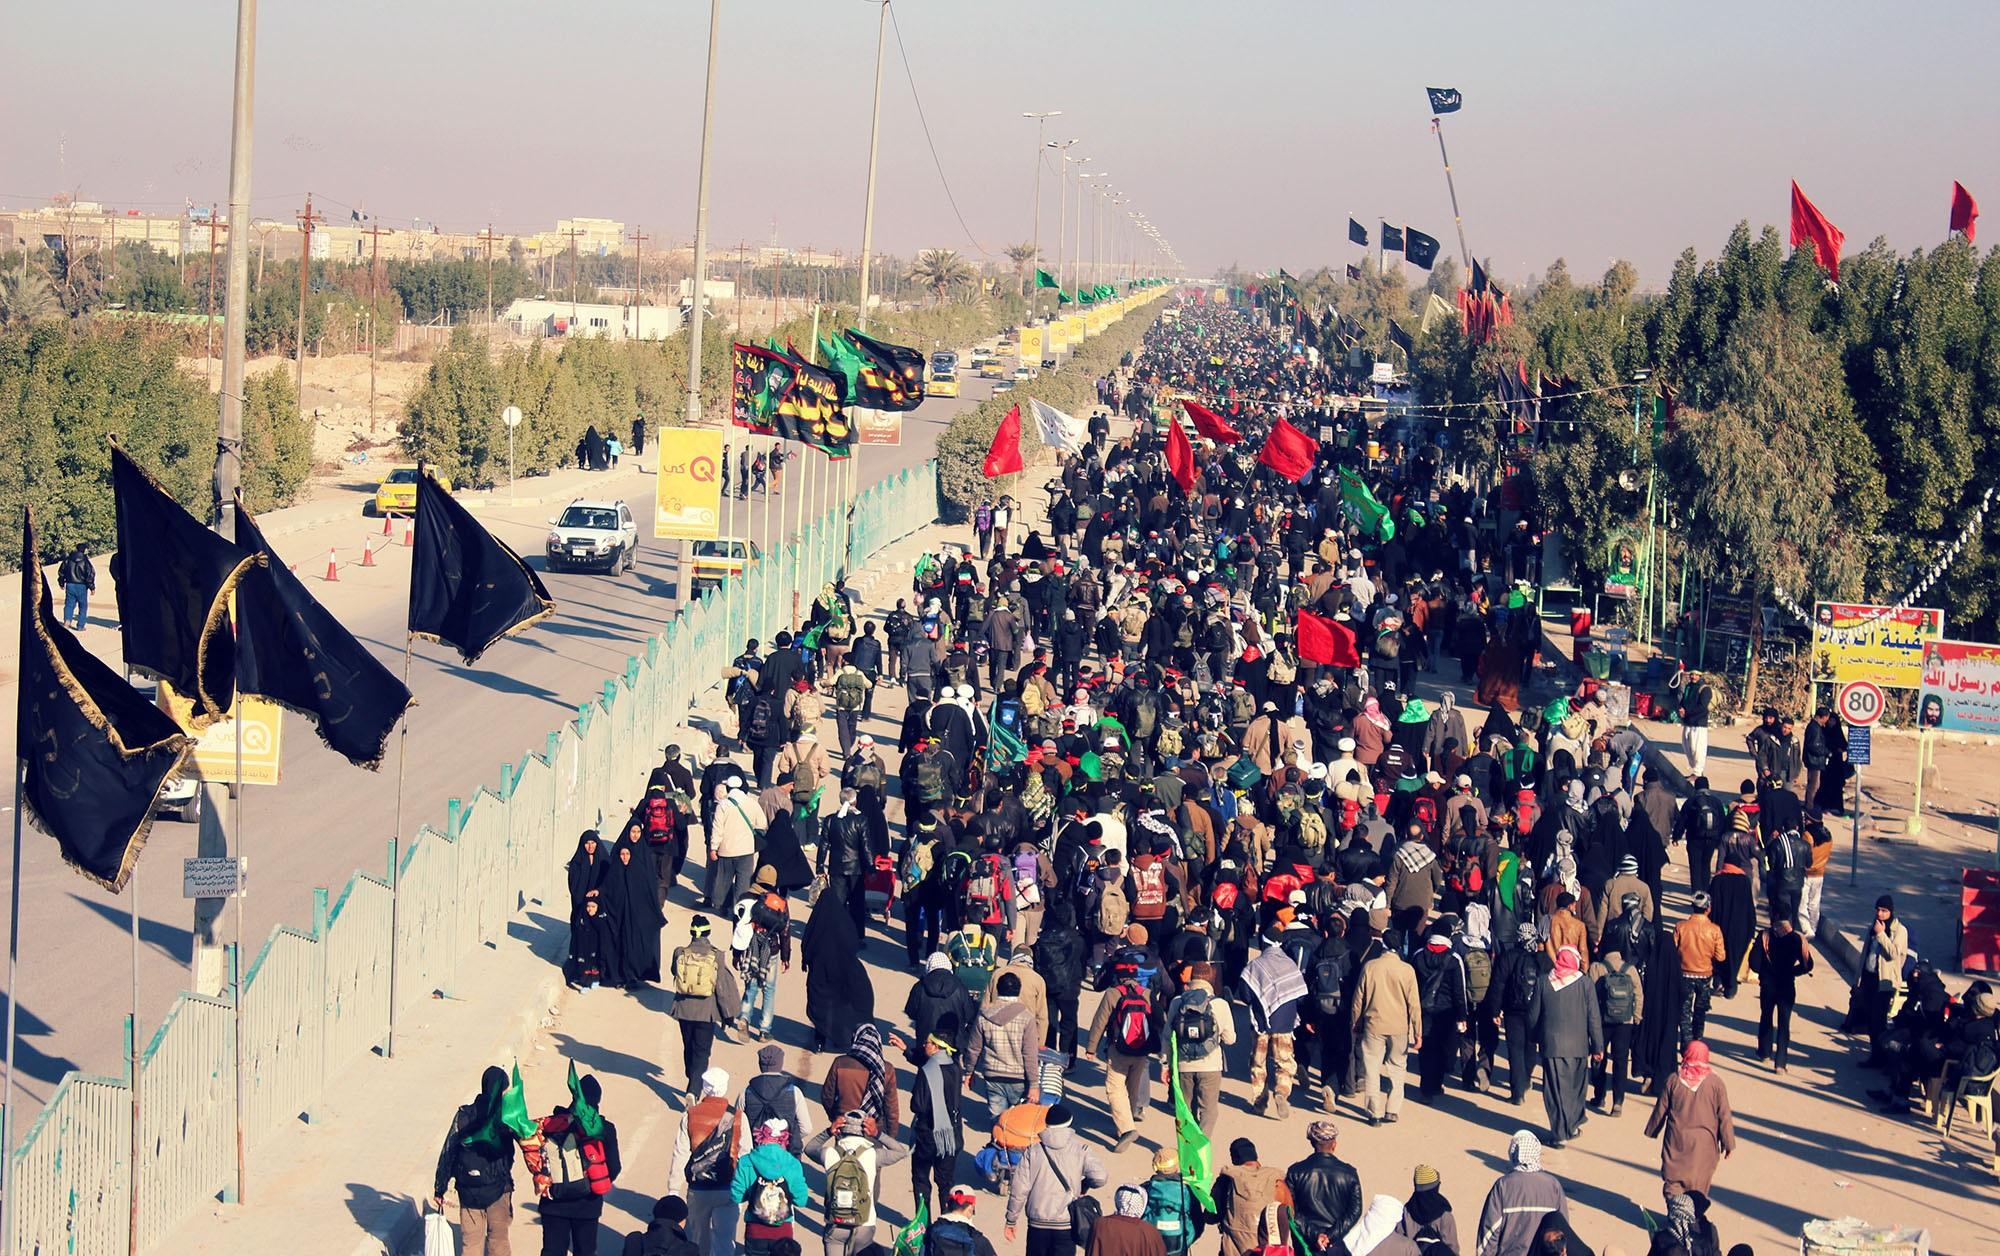 تردد زائران اربعین حسینی از 4 نقطه مرزی/ مرز خسروی امنترین مسیر برای رسیدن به کربلا